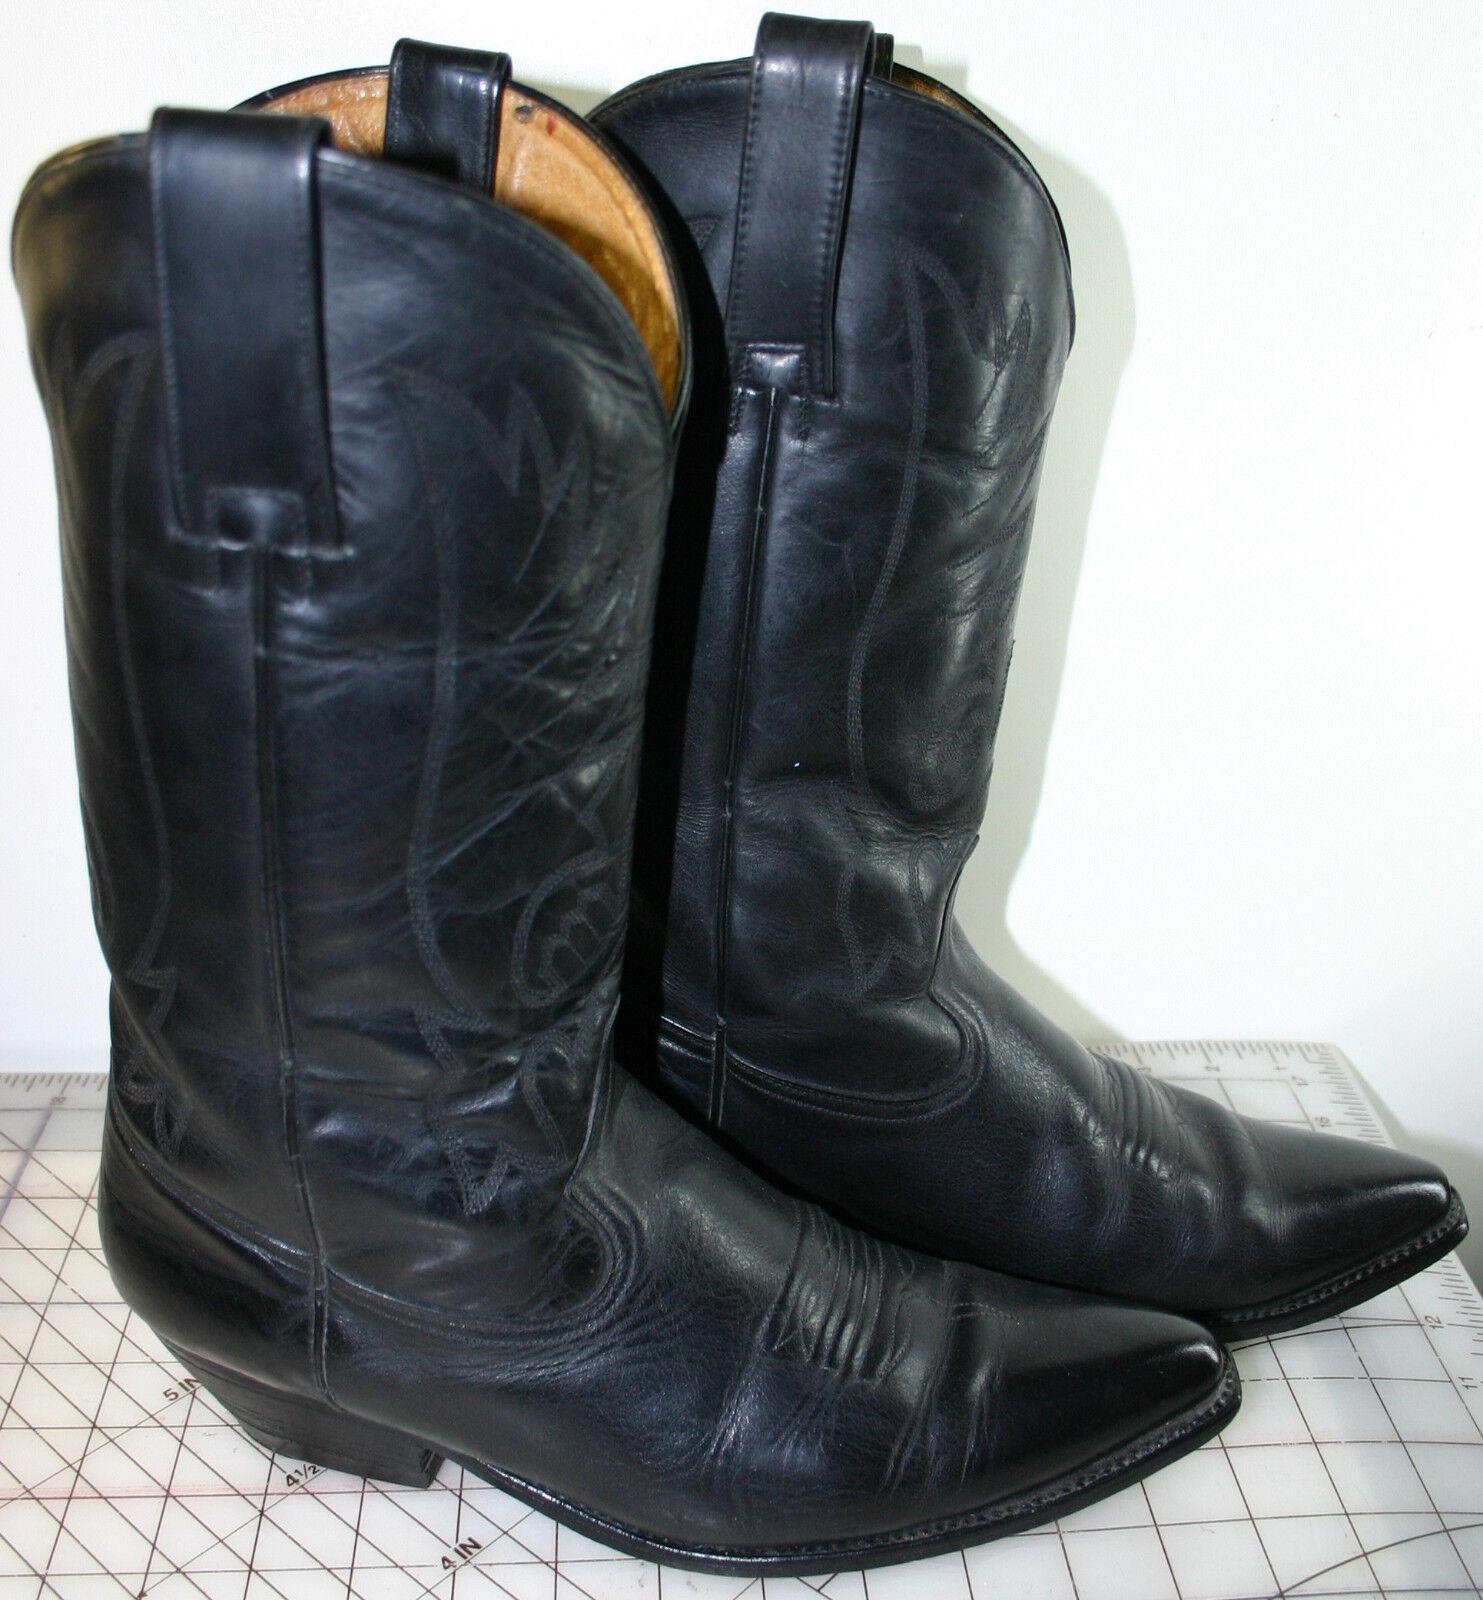 MEN'S BOOTS, PISTOLERO BLACK LEATHER COWBOY BOOTS, MEN'S 9.5 5f5a73